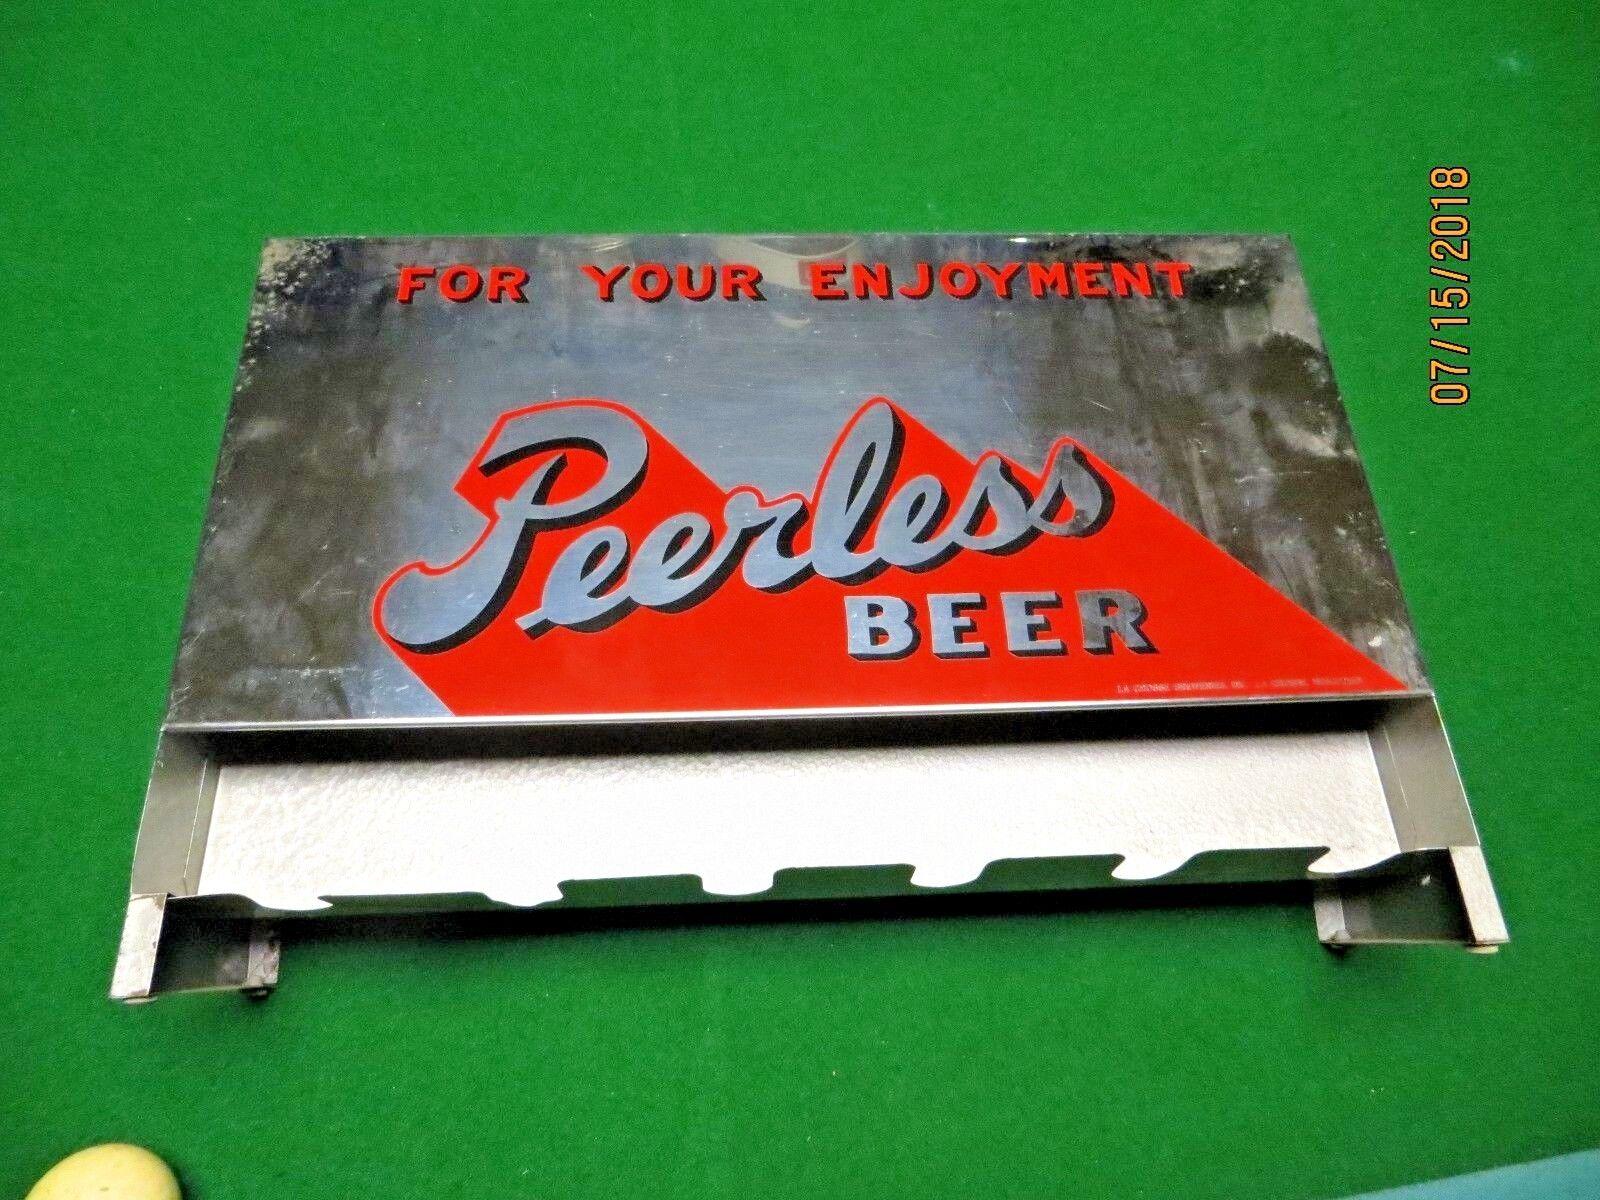 Per il Tuo Gioia Peerless Beer Oscillante Aperto All'Estremità,